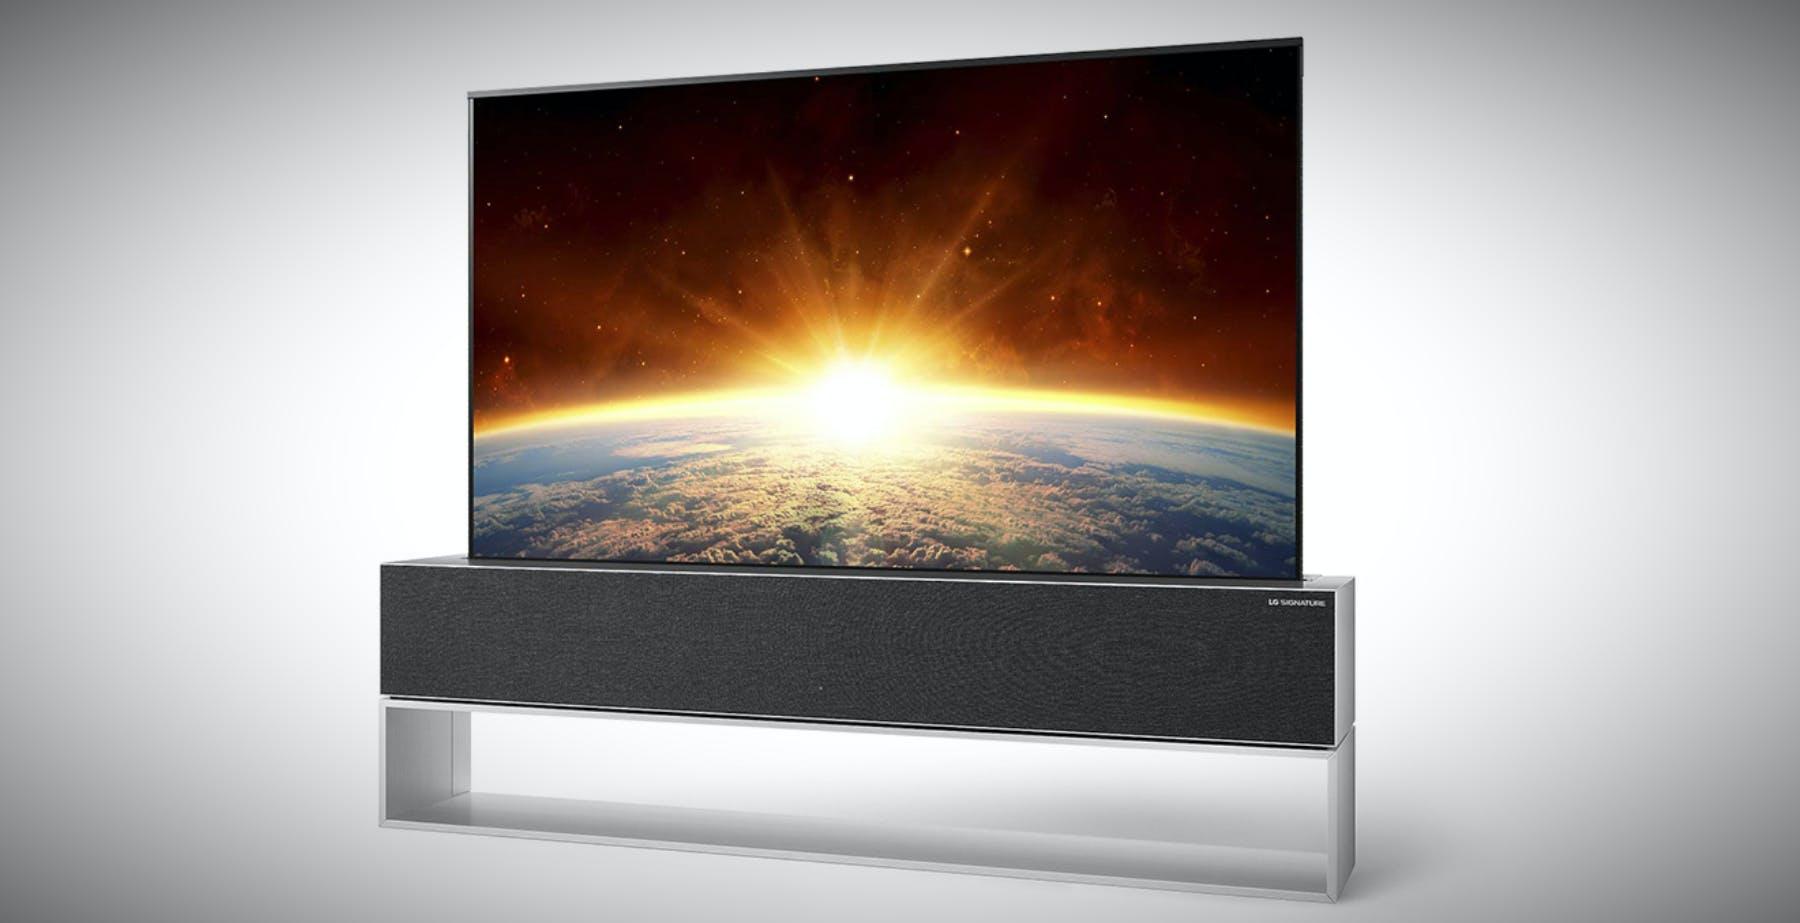 """L'OLED 65"""" arrotolabile di LG si può preordinare in Corea a 75.000 euro"""